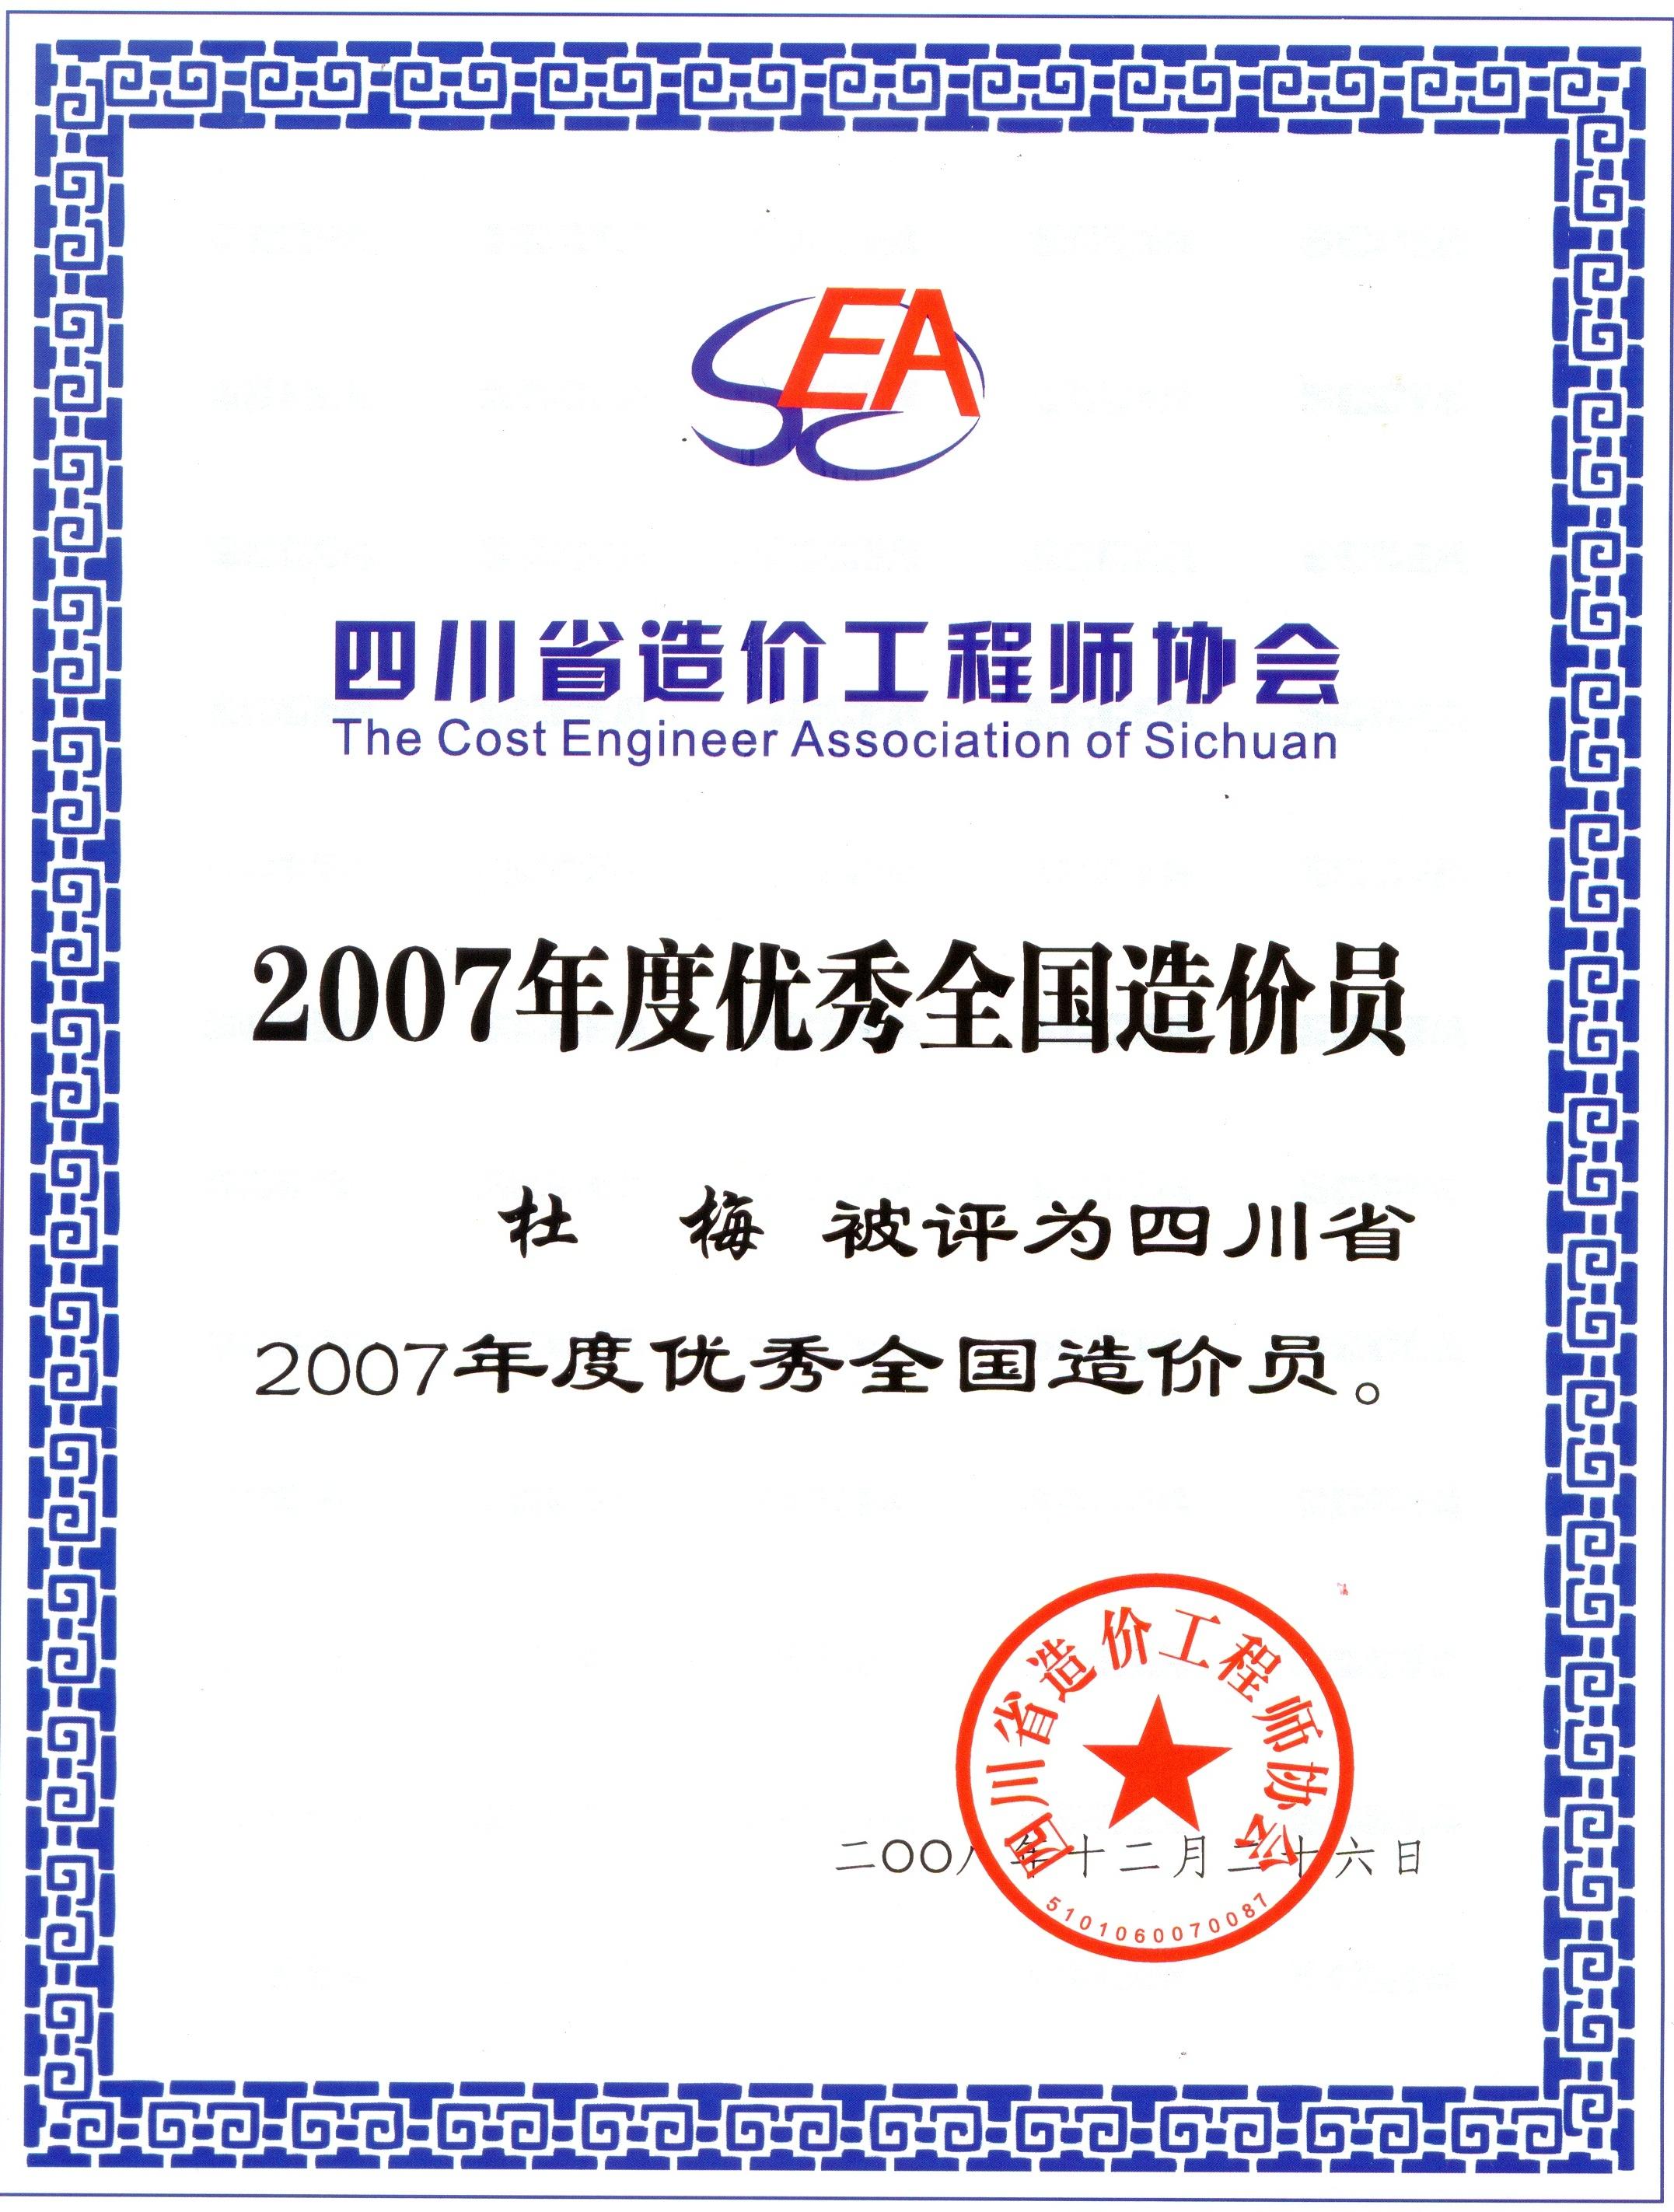 2007年度优秀全国造价员